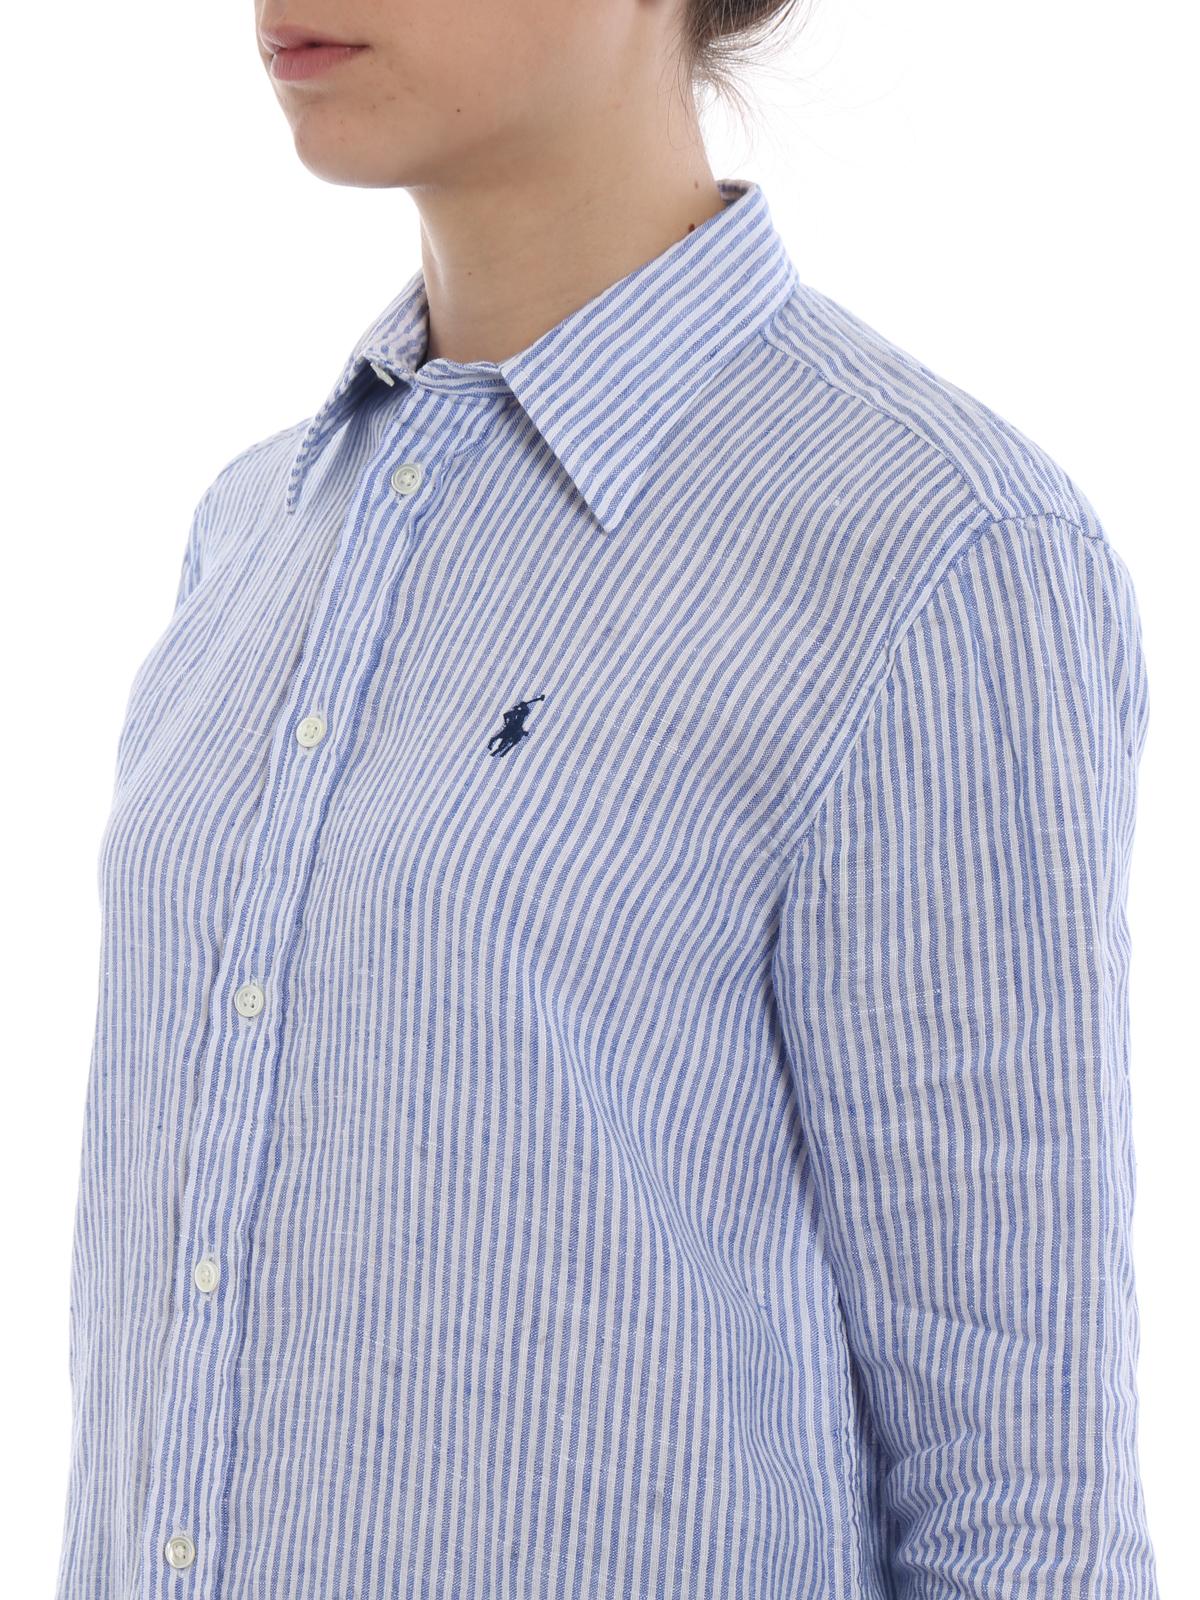 fc0734b6688f Polo Ralph Lauren - Relaxed fit striped linen shirt - shirts ...